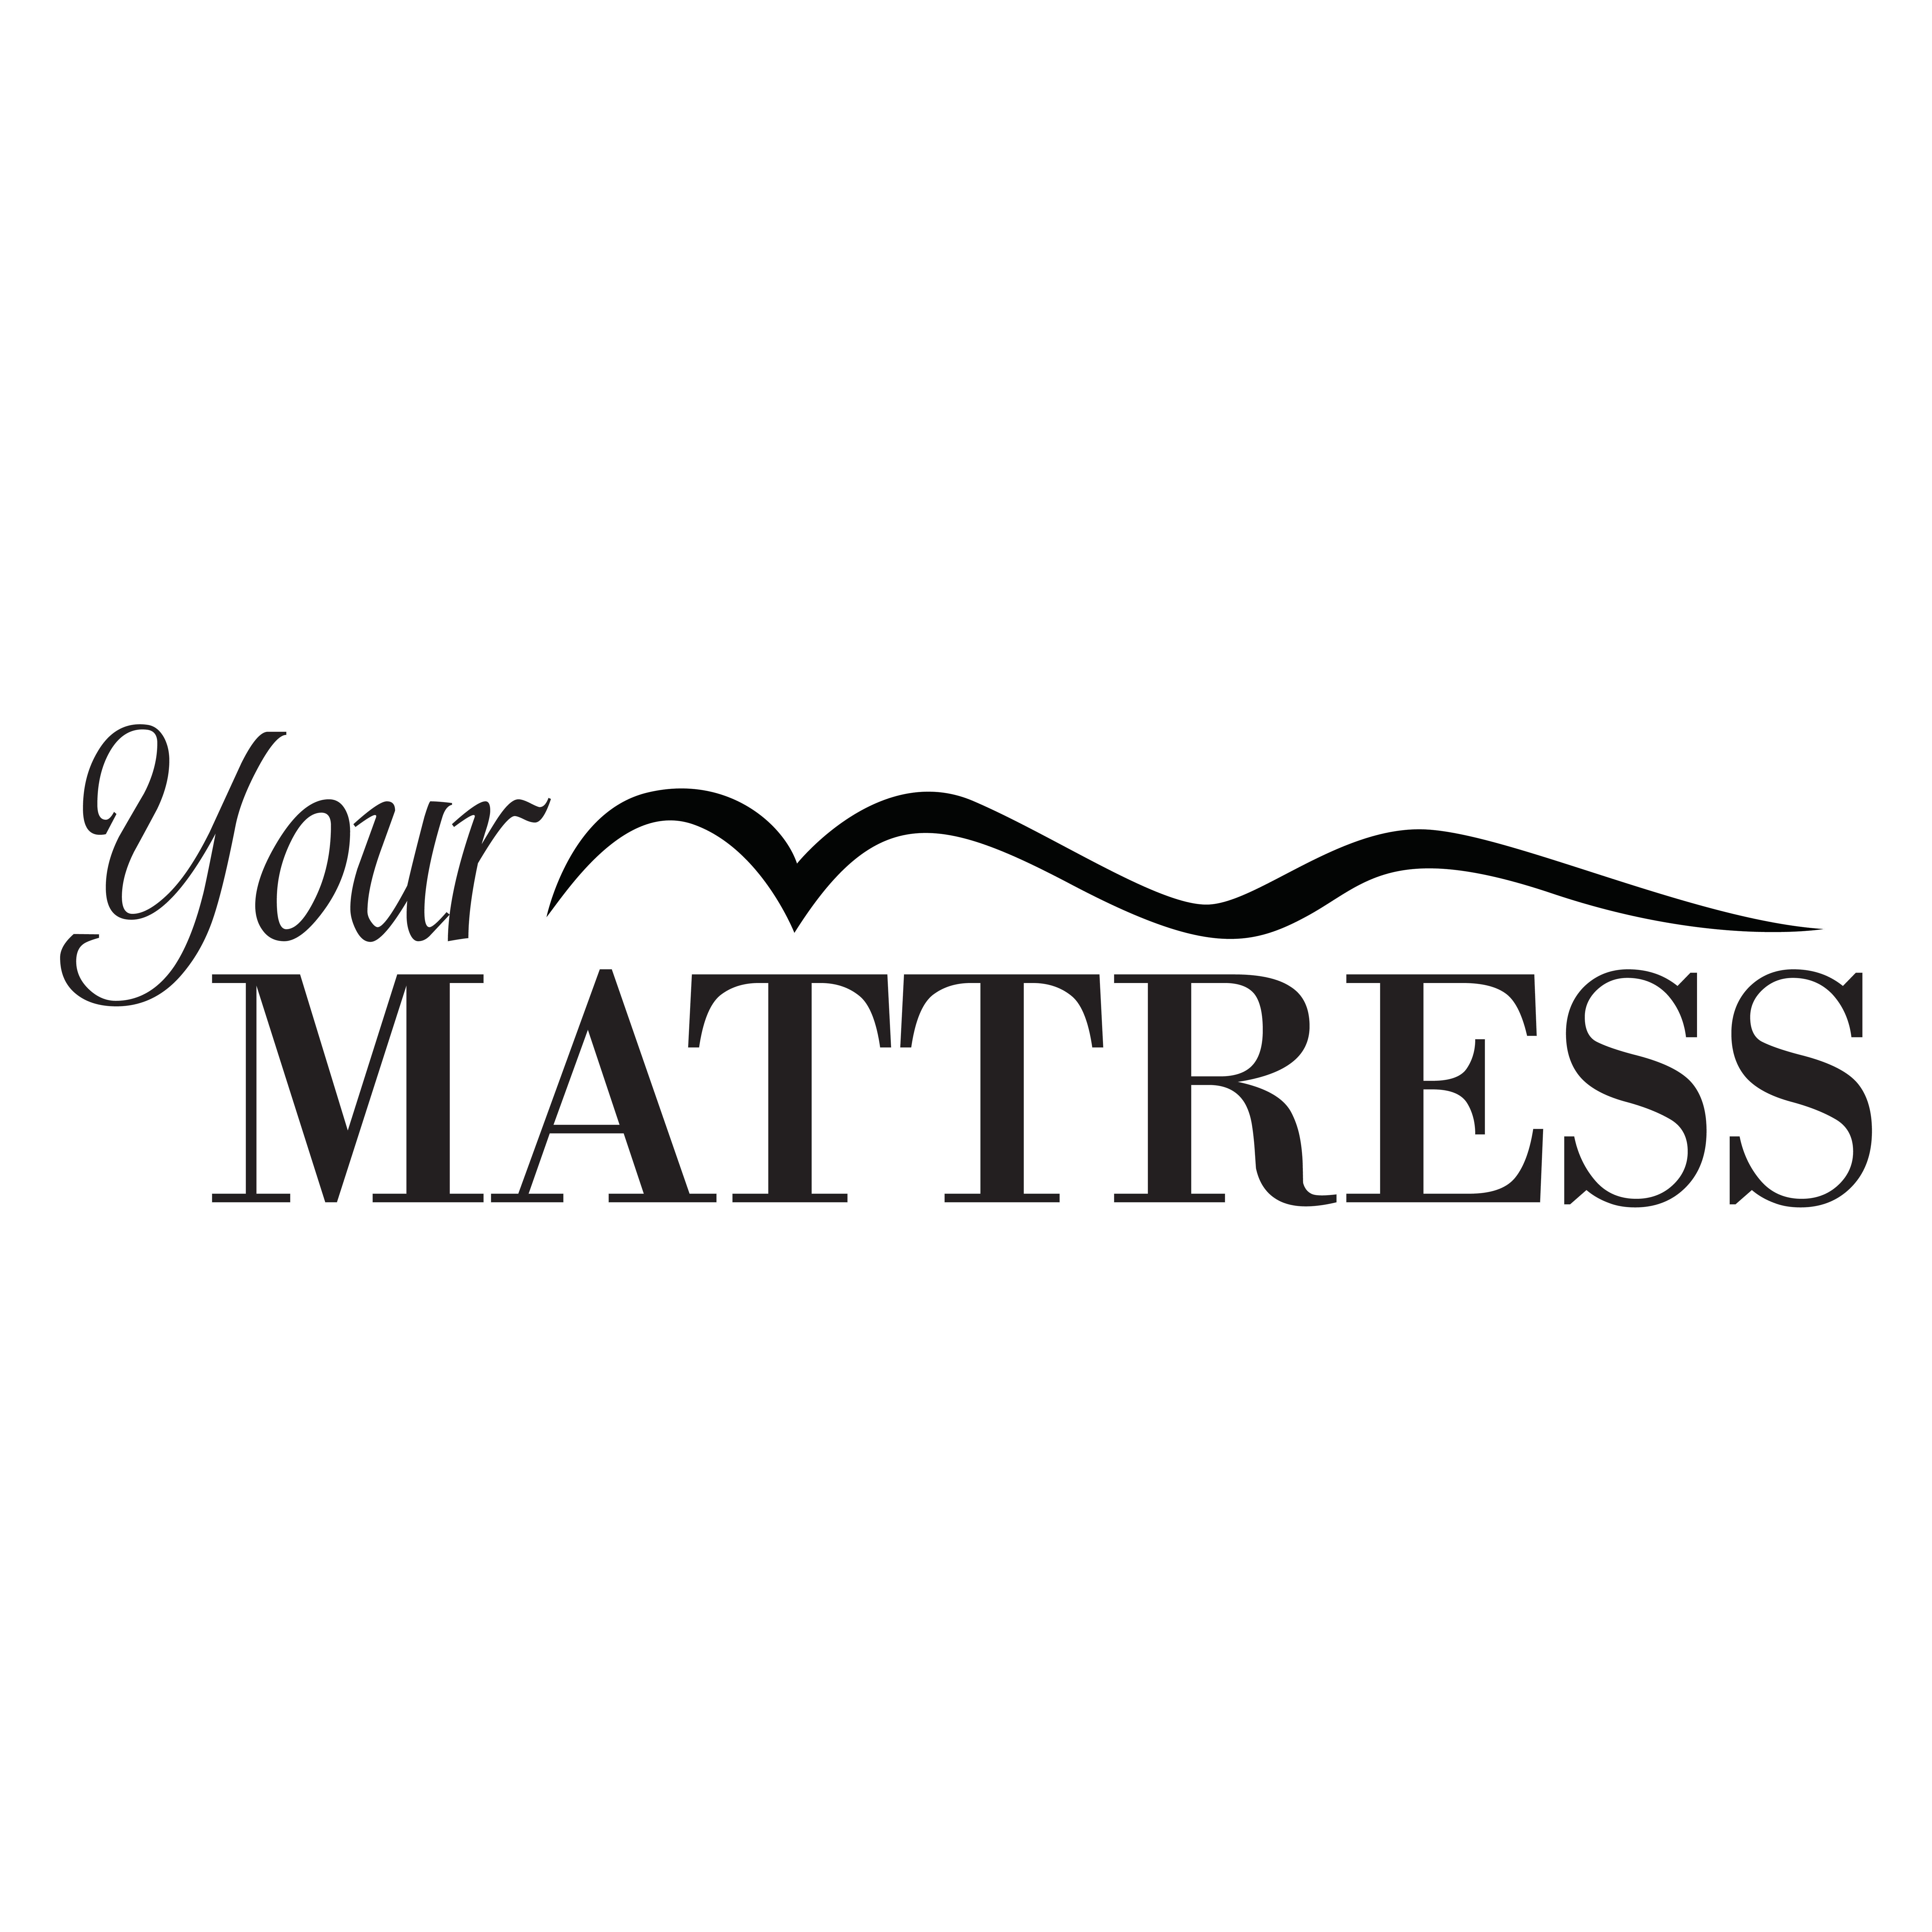 Your Mattress